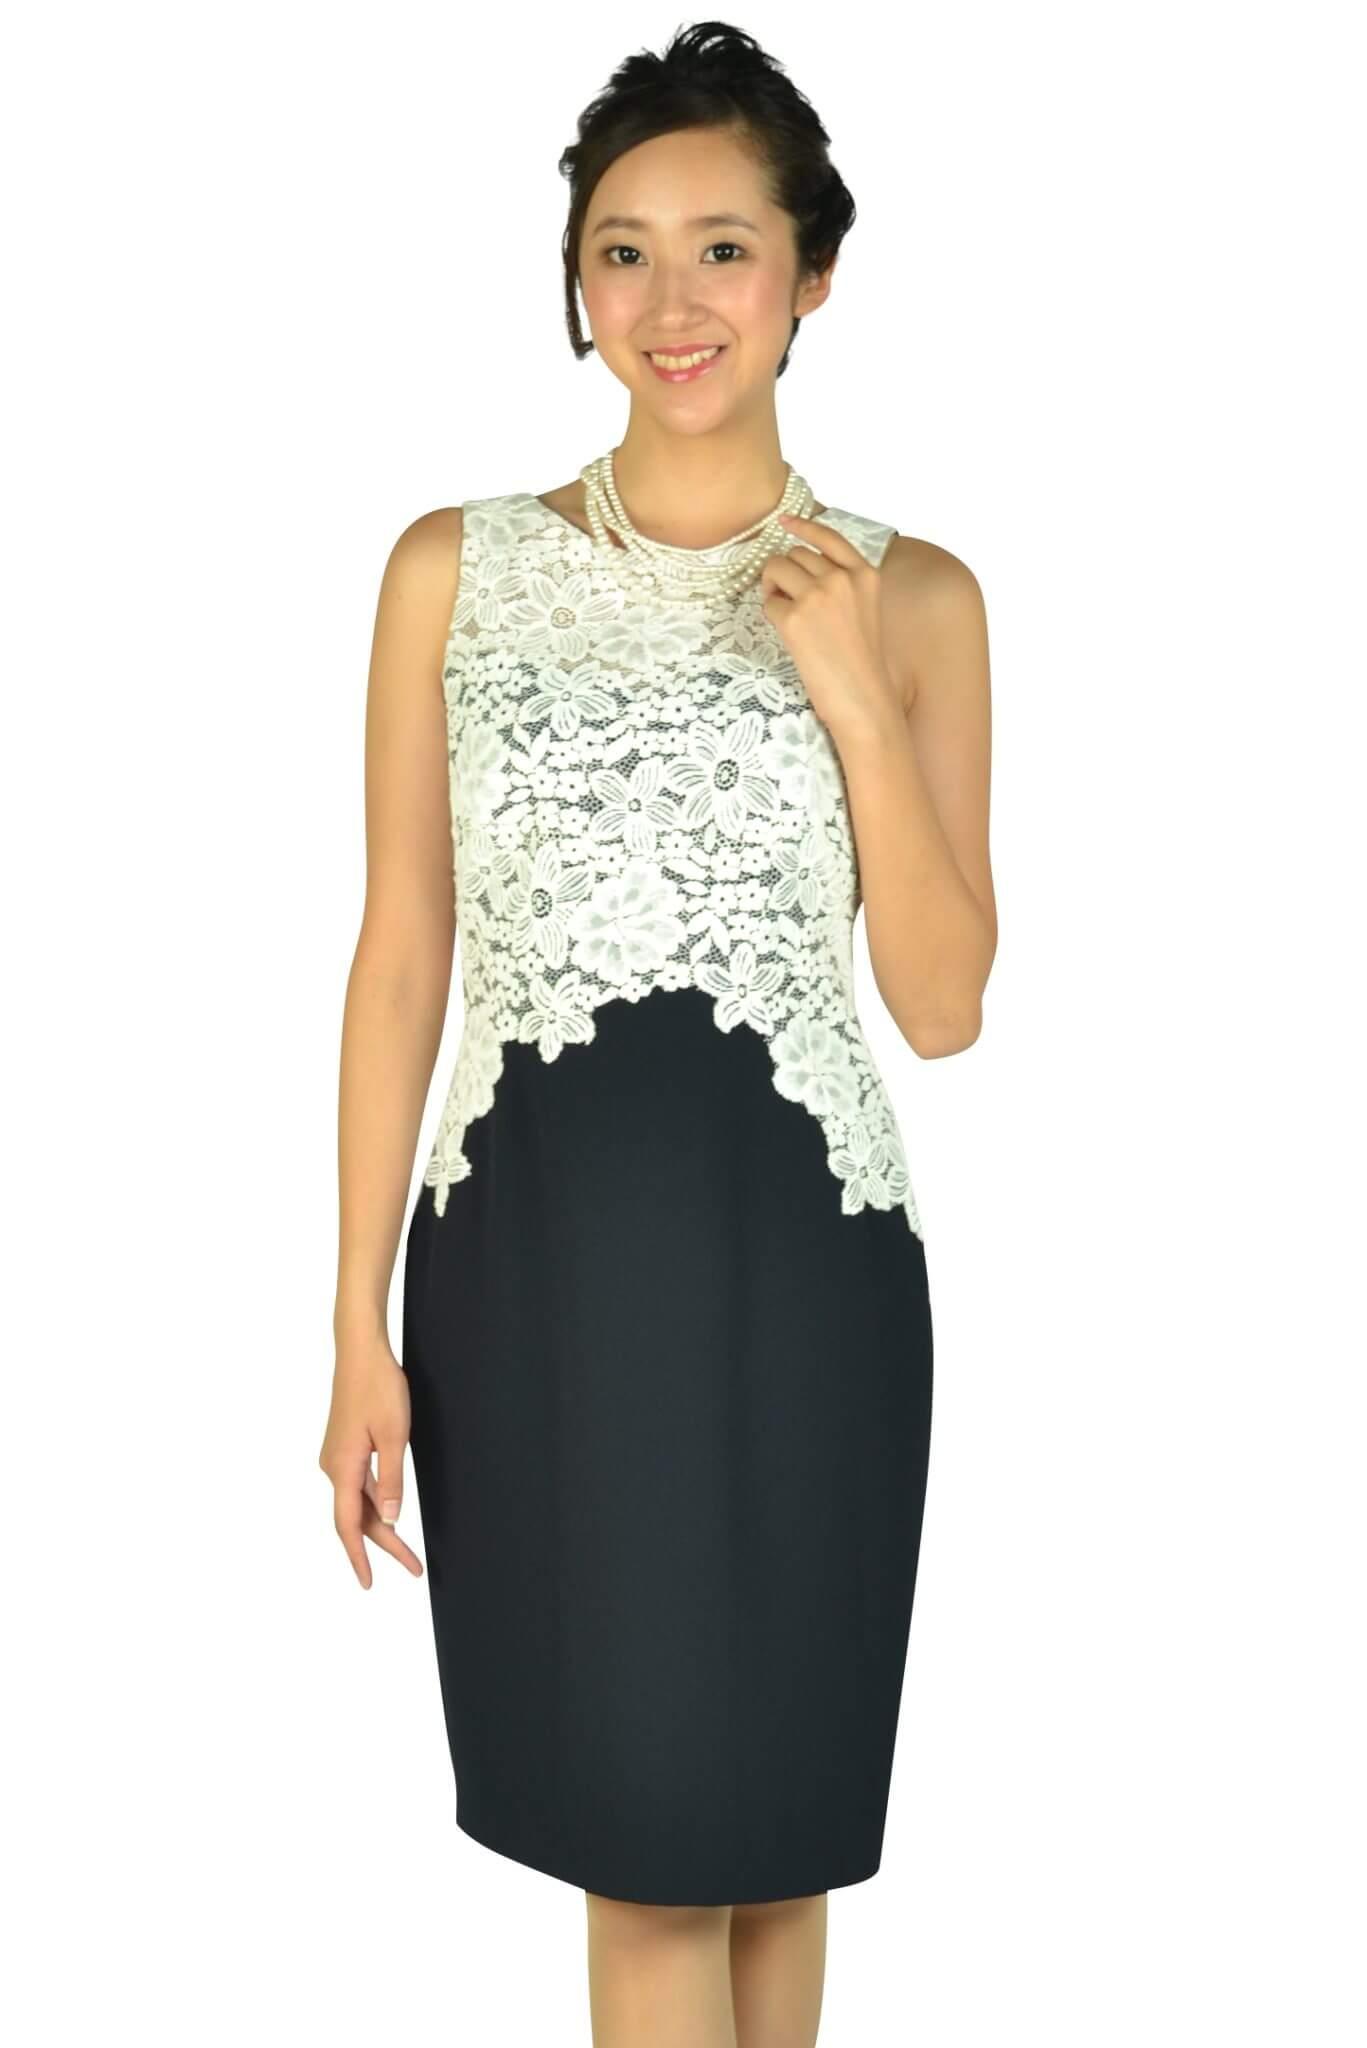 ローレンラルフローレン(LAUREN RALPH LAUREN) Iラインレースホワイト×ネイビードレス